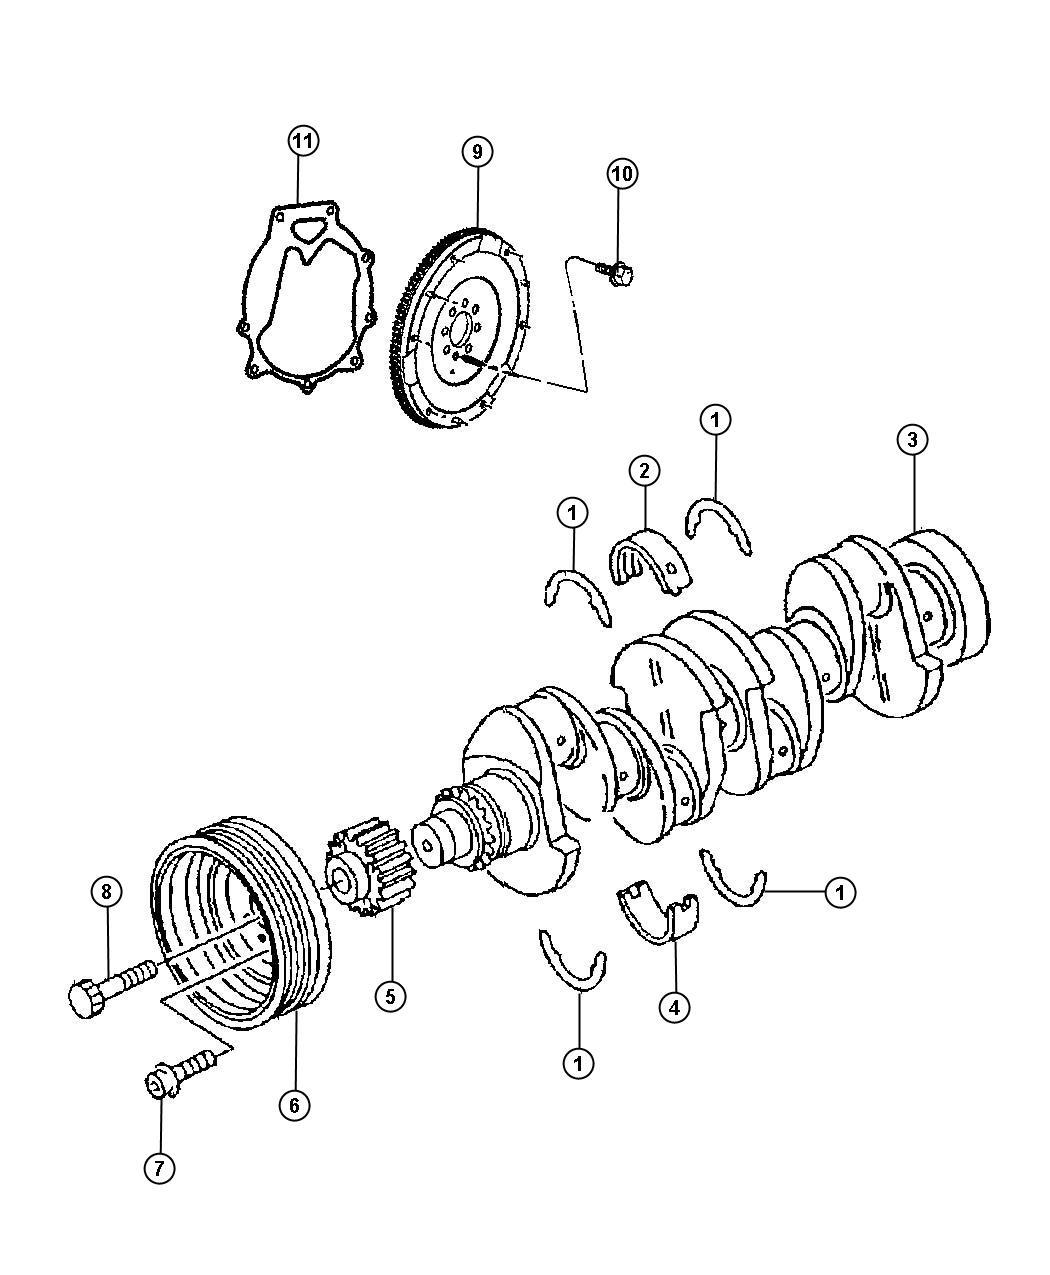 Crankshaft, Crankshaft Bearings, Damper And Flywheel 2.0L